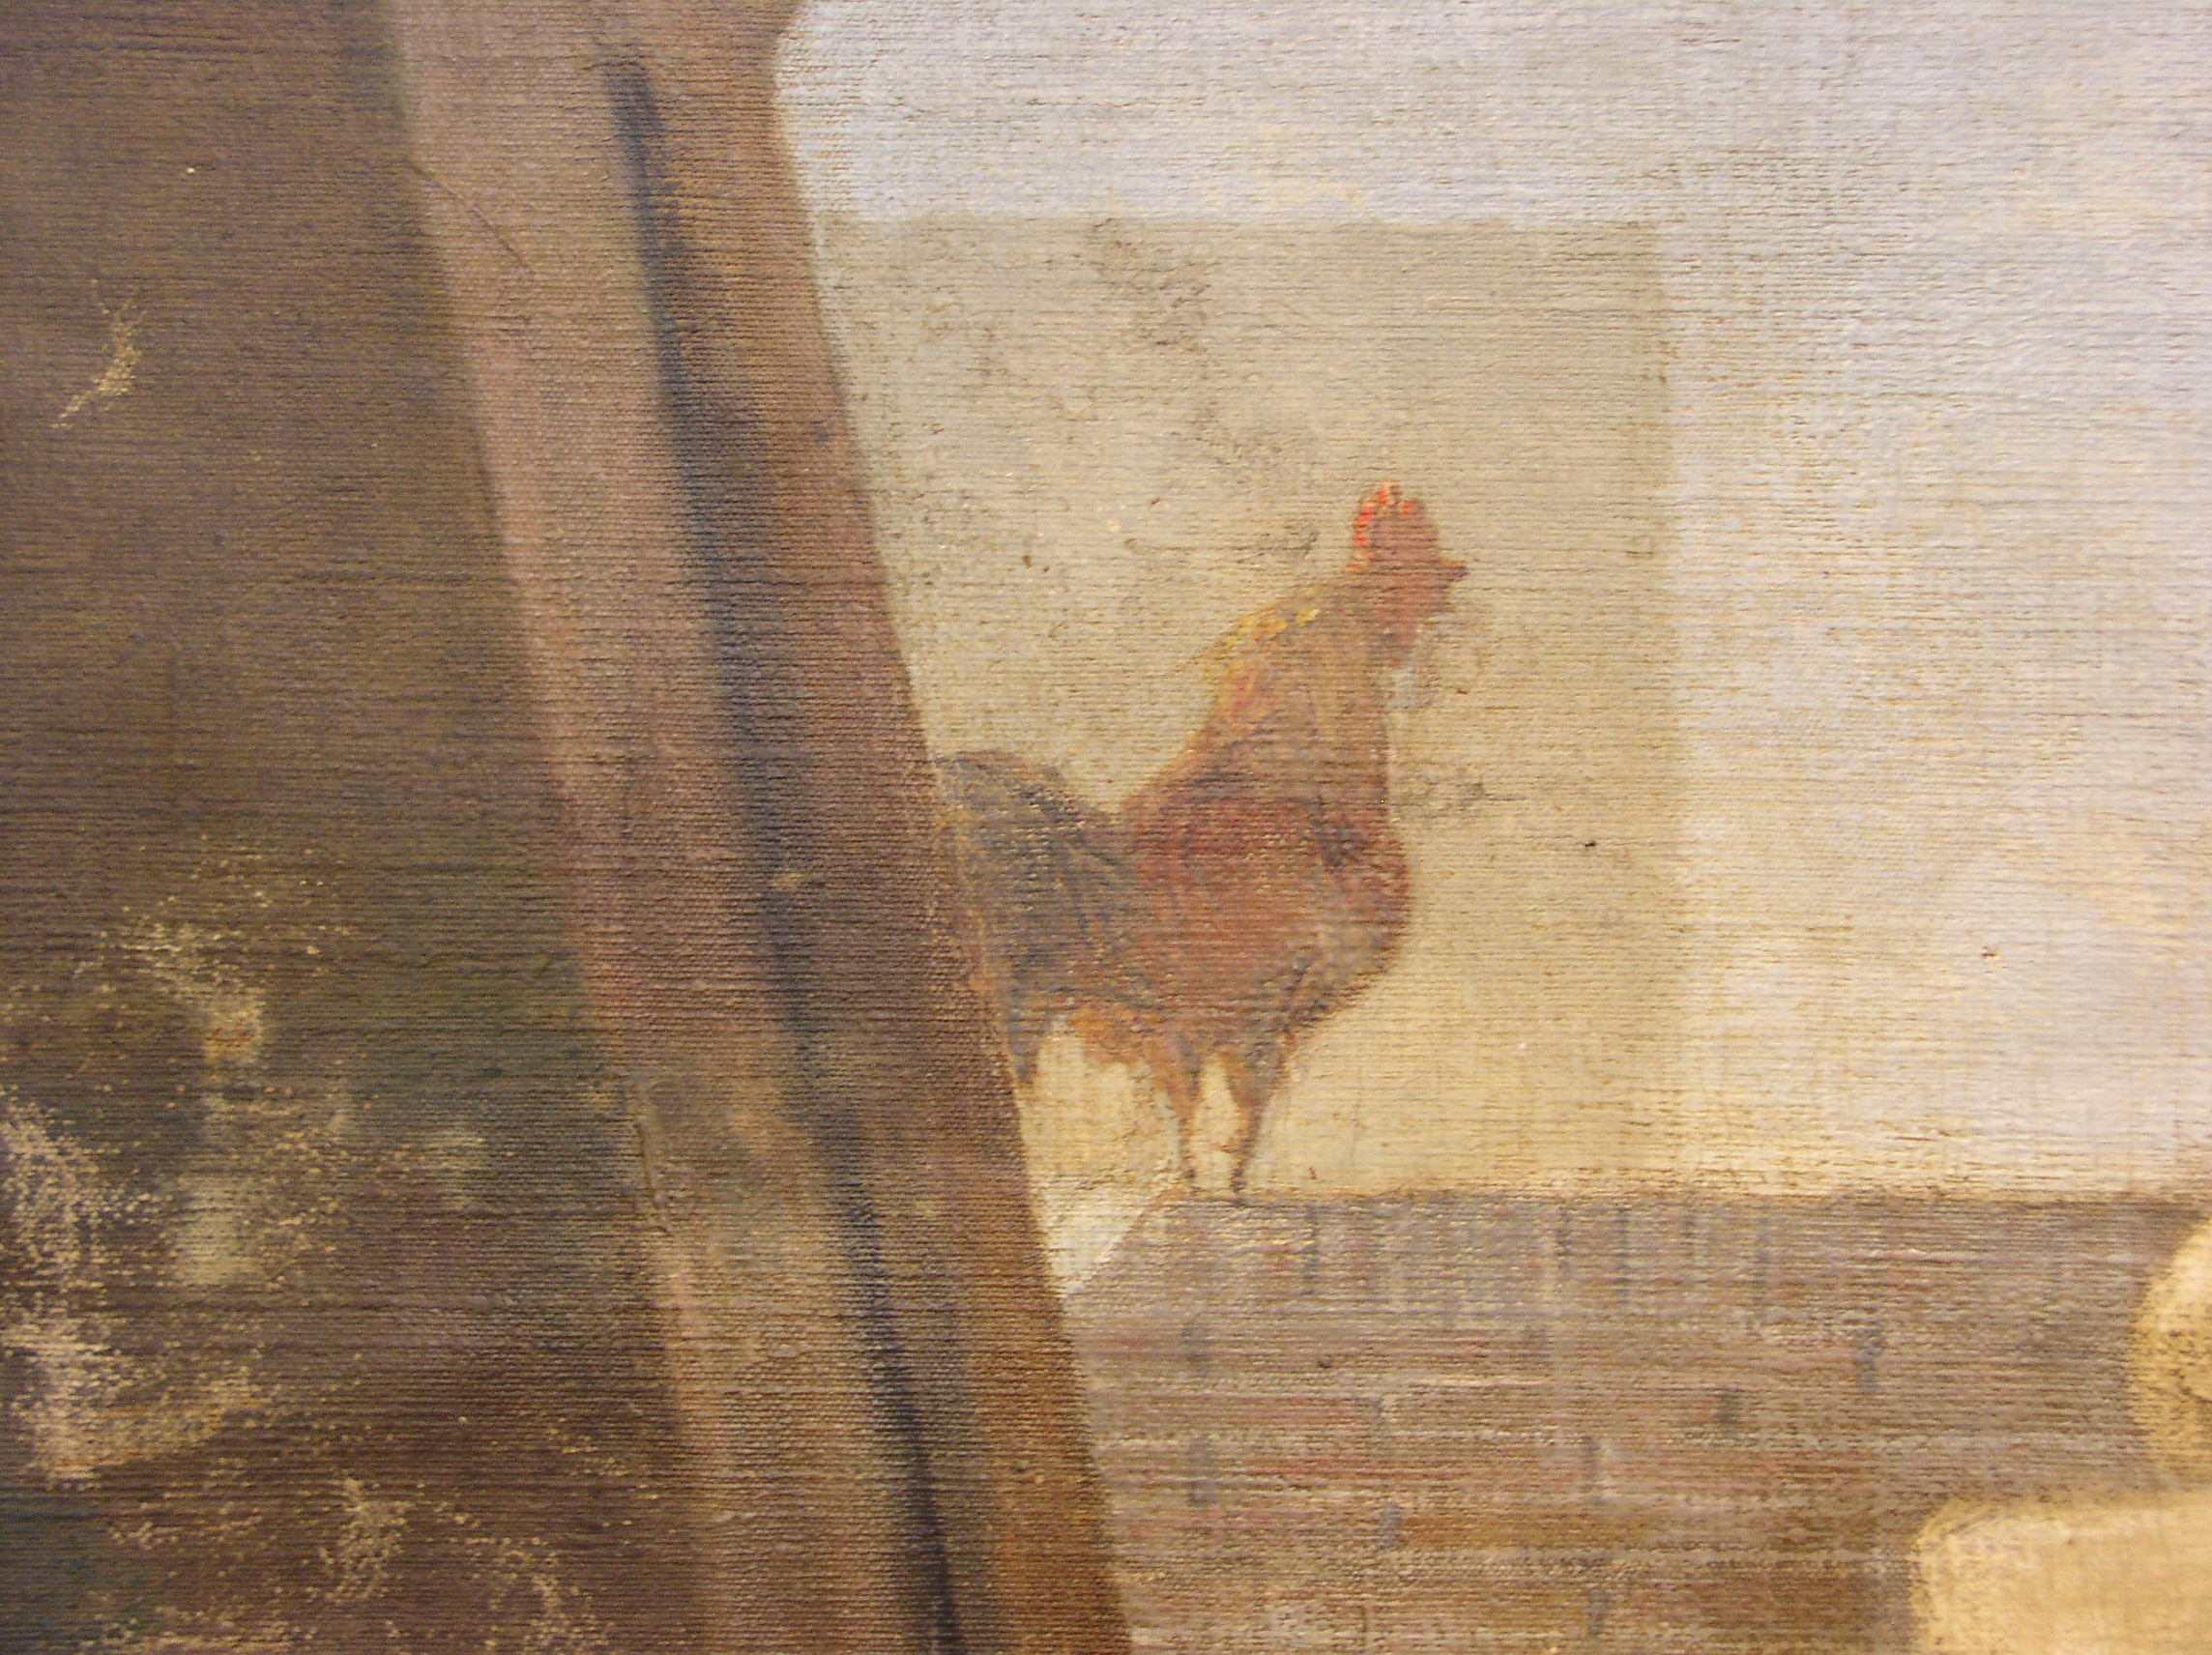 Peter Janssen - The Restoration of Peter Denying Christ - click to enlarge!